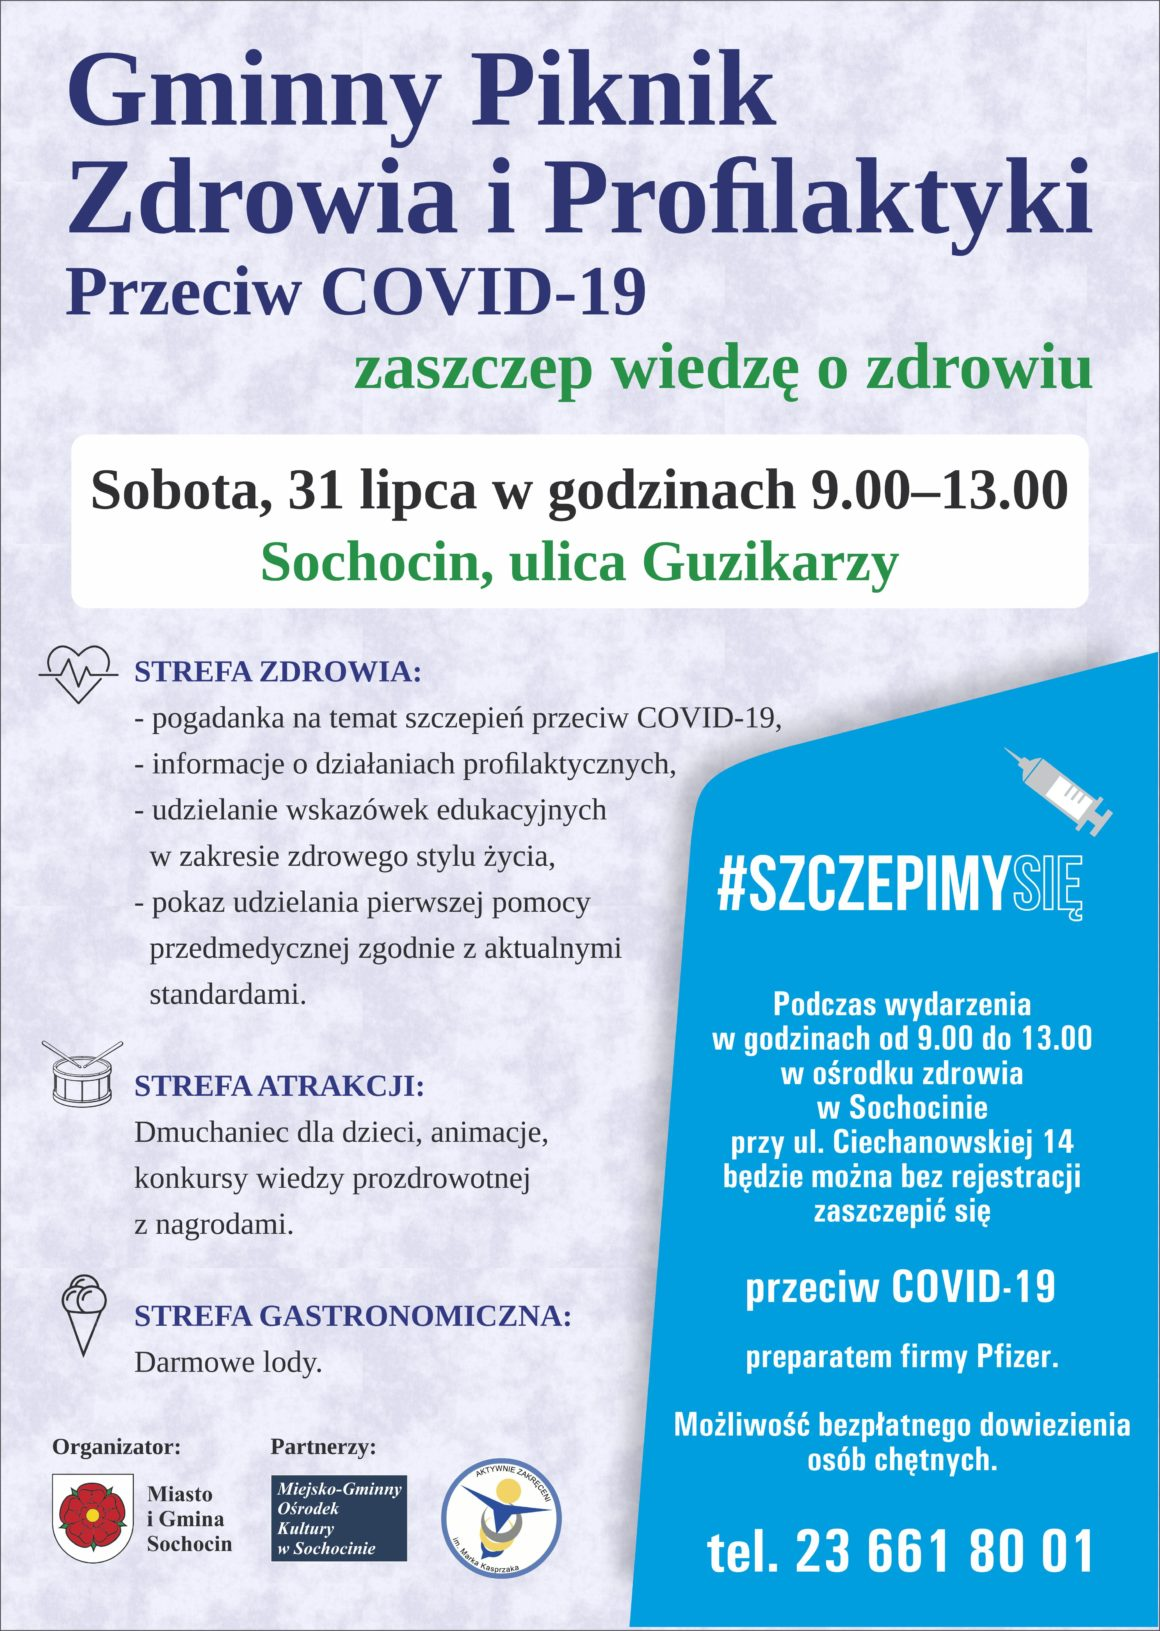 Gminny piknik zdrowia i profilaktyki przeciw COVID-19